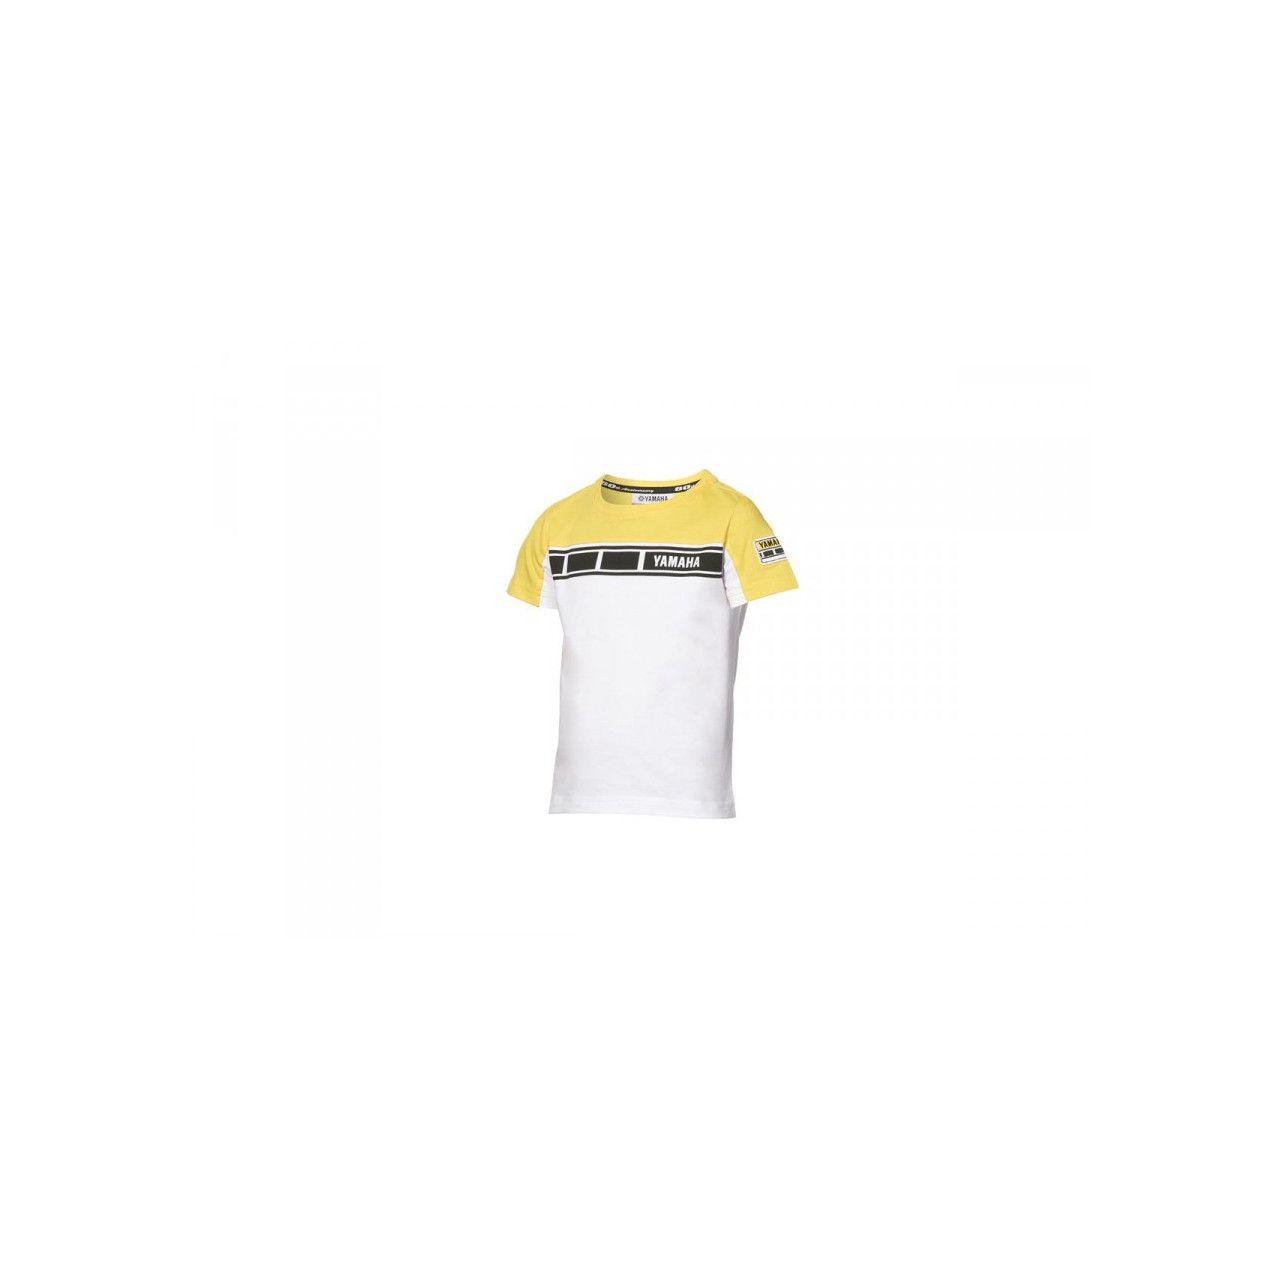 YAMAHA T-shirt enfant 60ème anniversaire